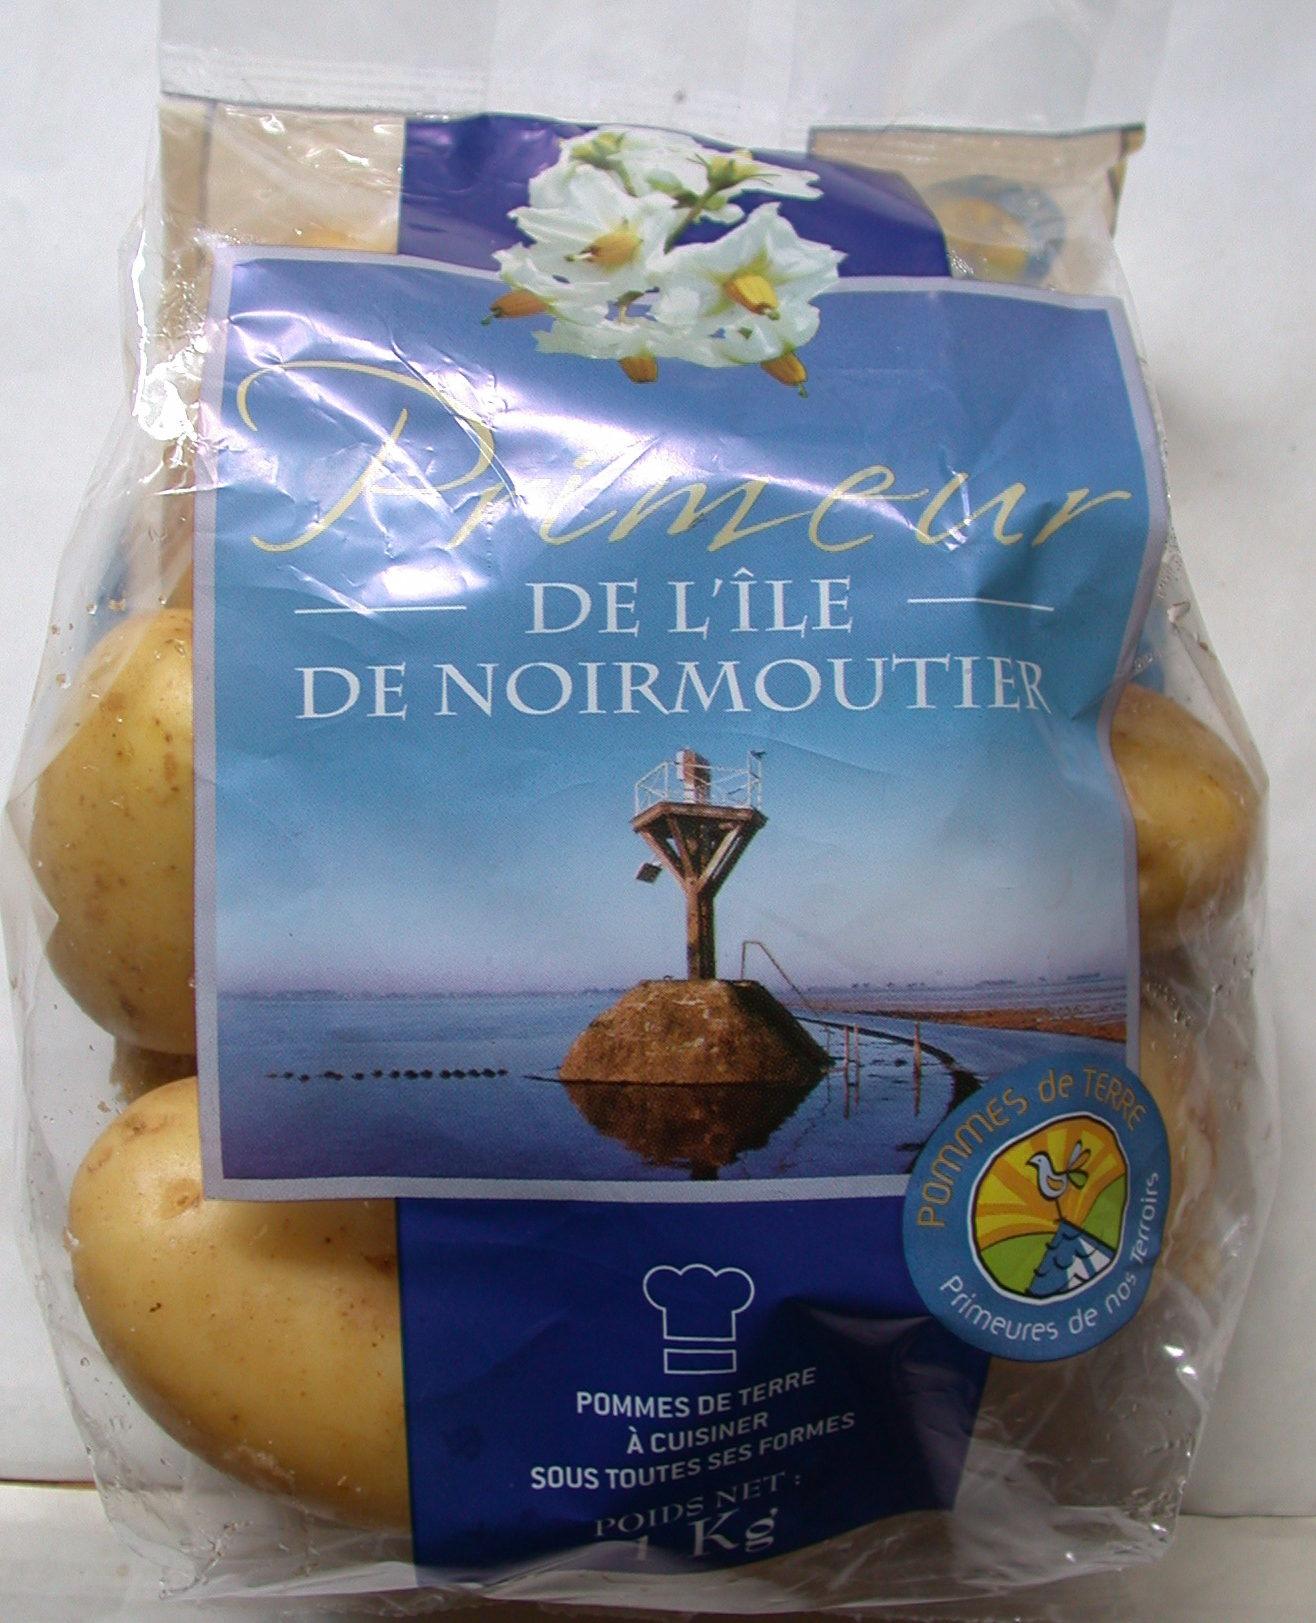 Pommes de terre primeur filet lady Christie - 产品 - fr